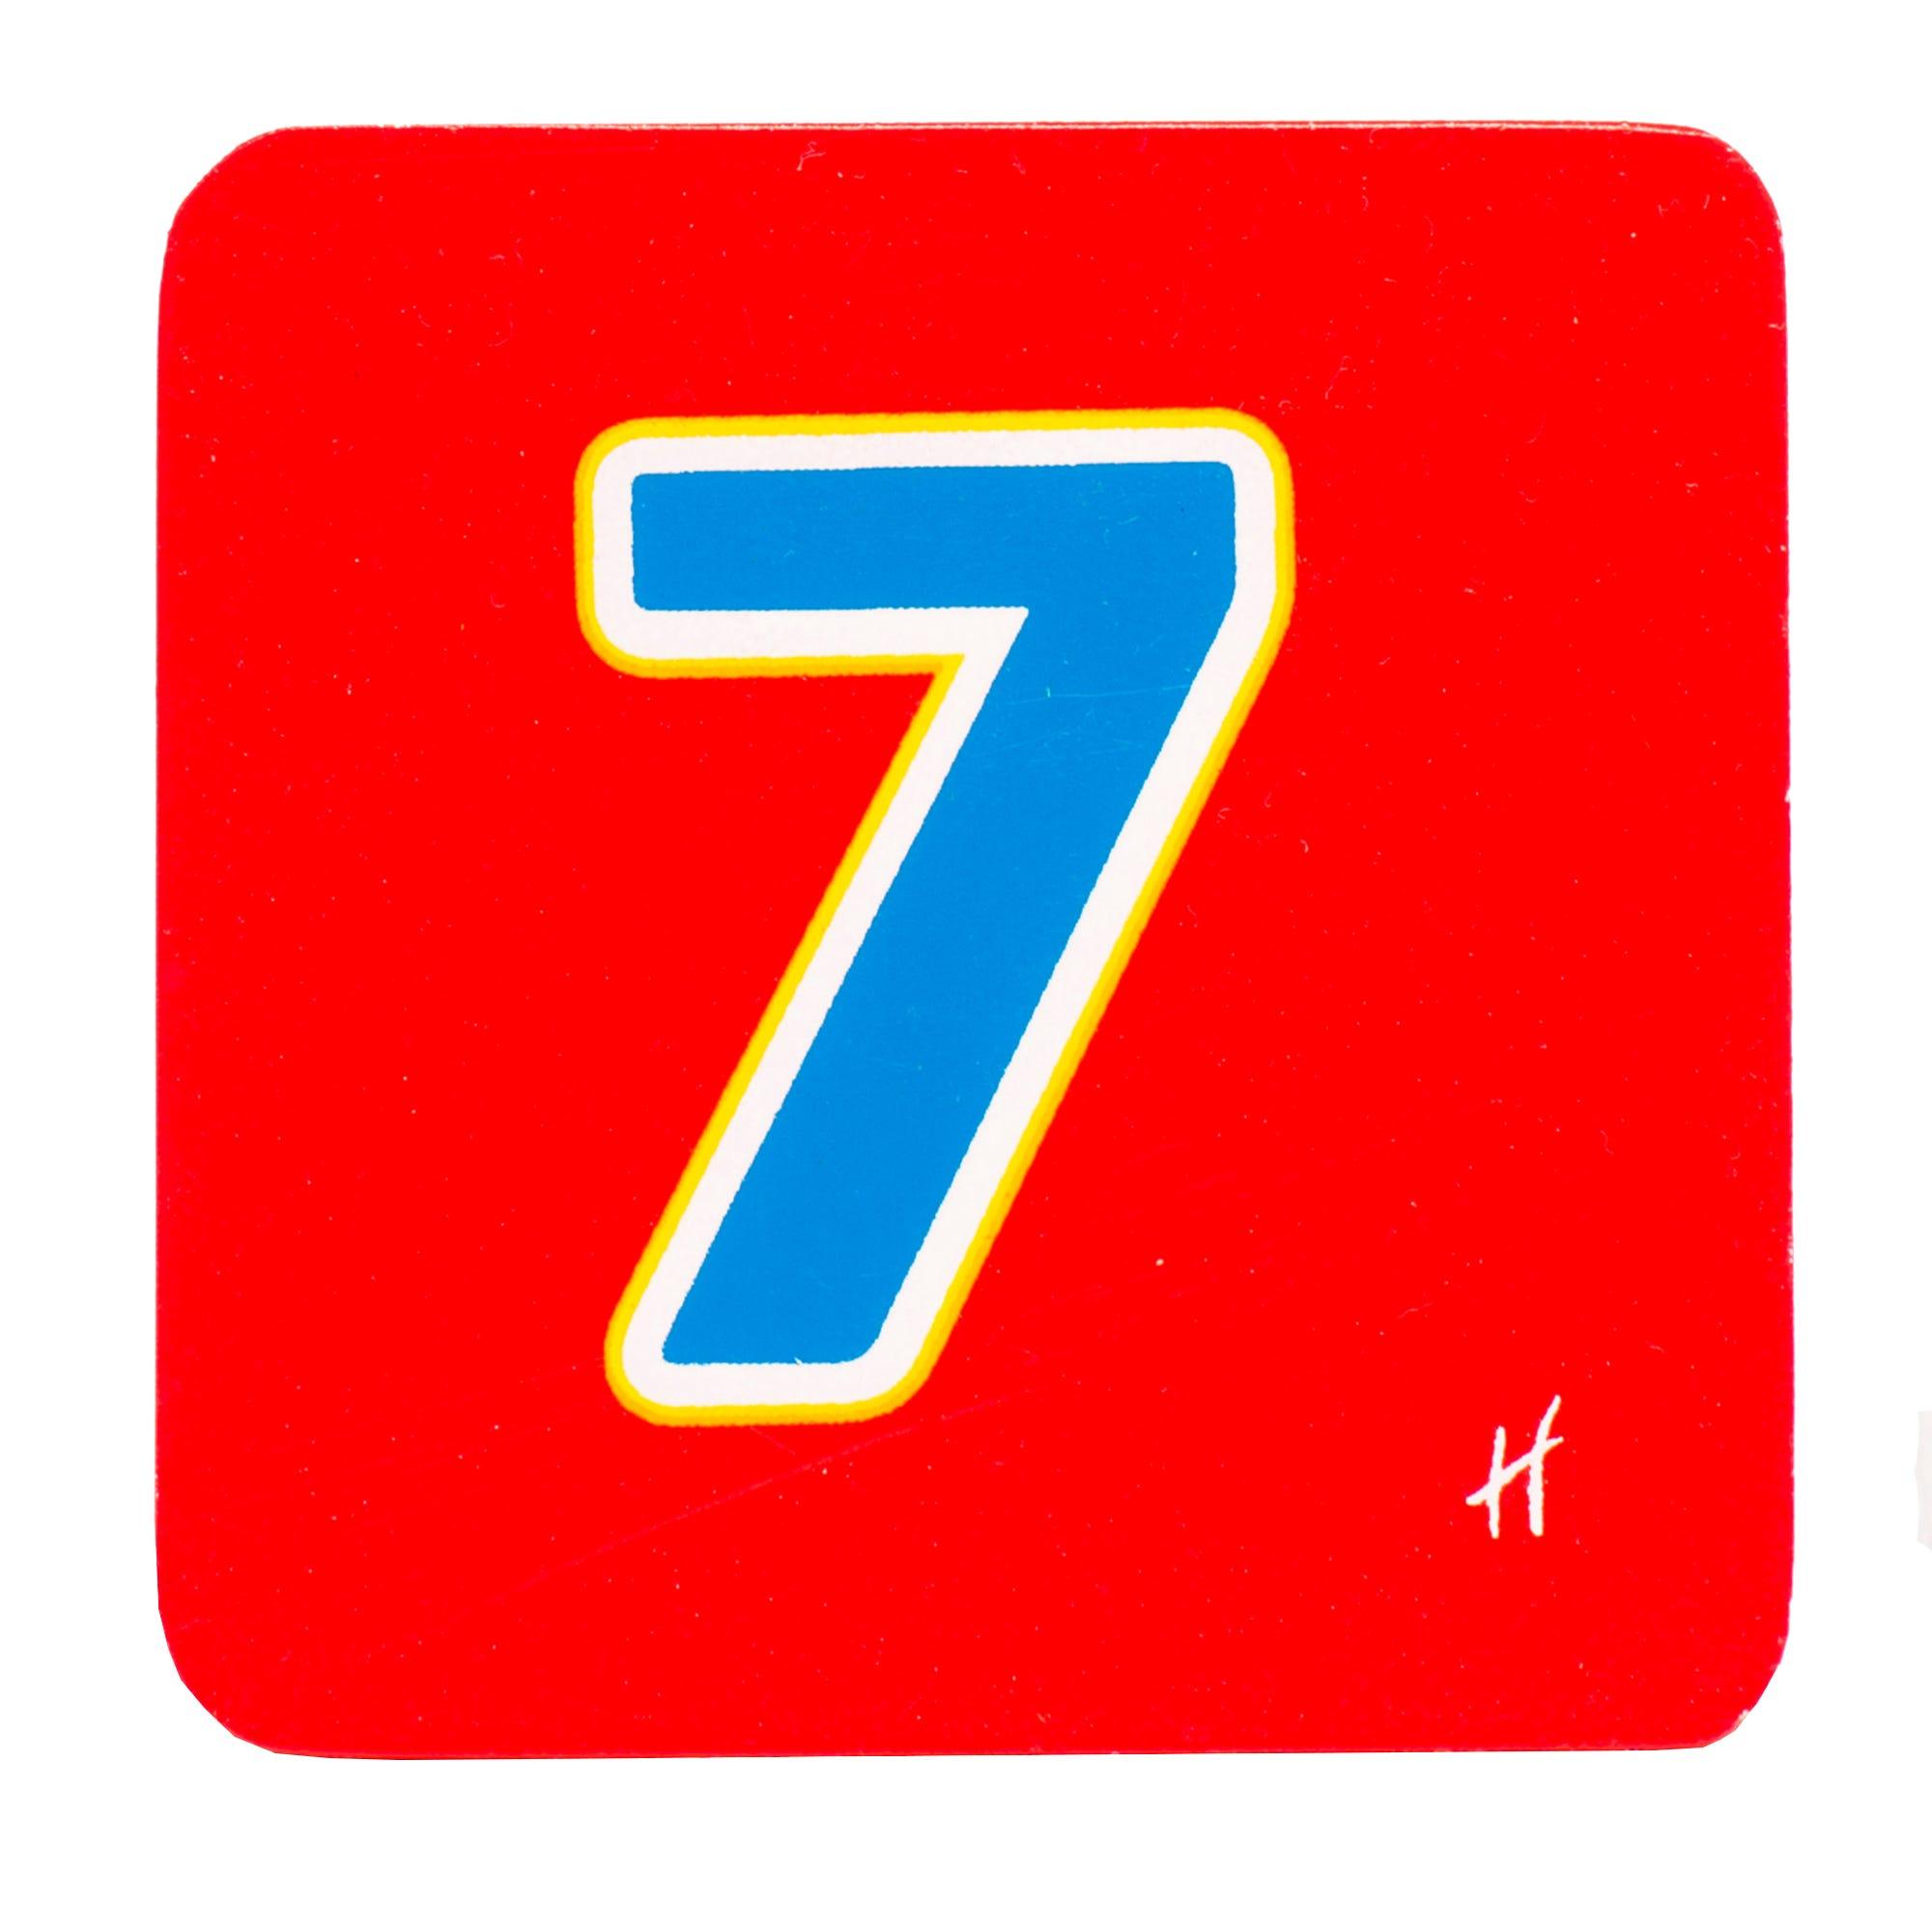 Hamleys Wooden Number 7